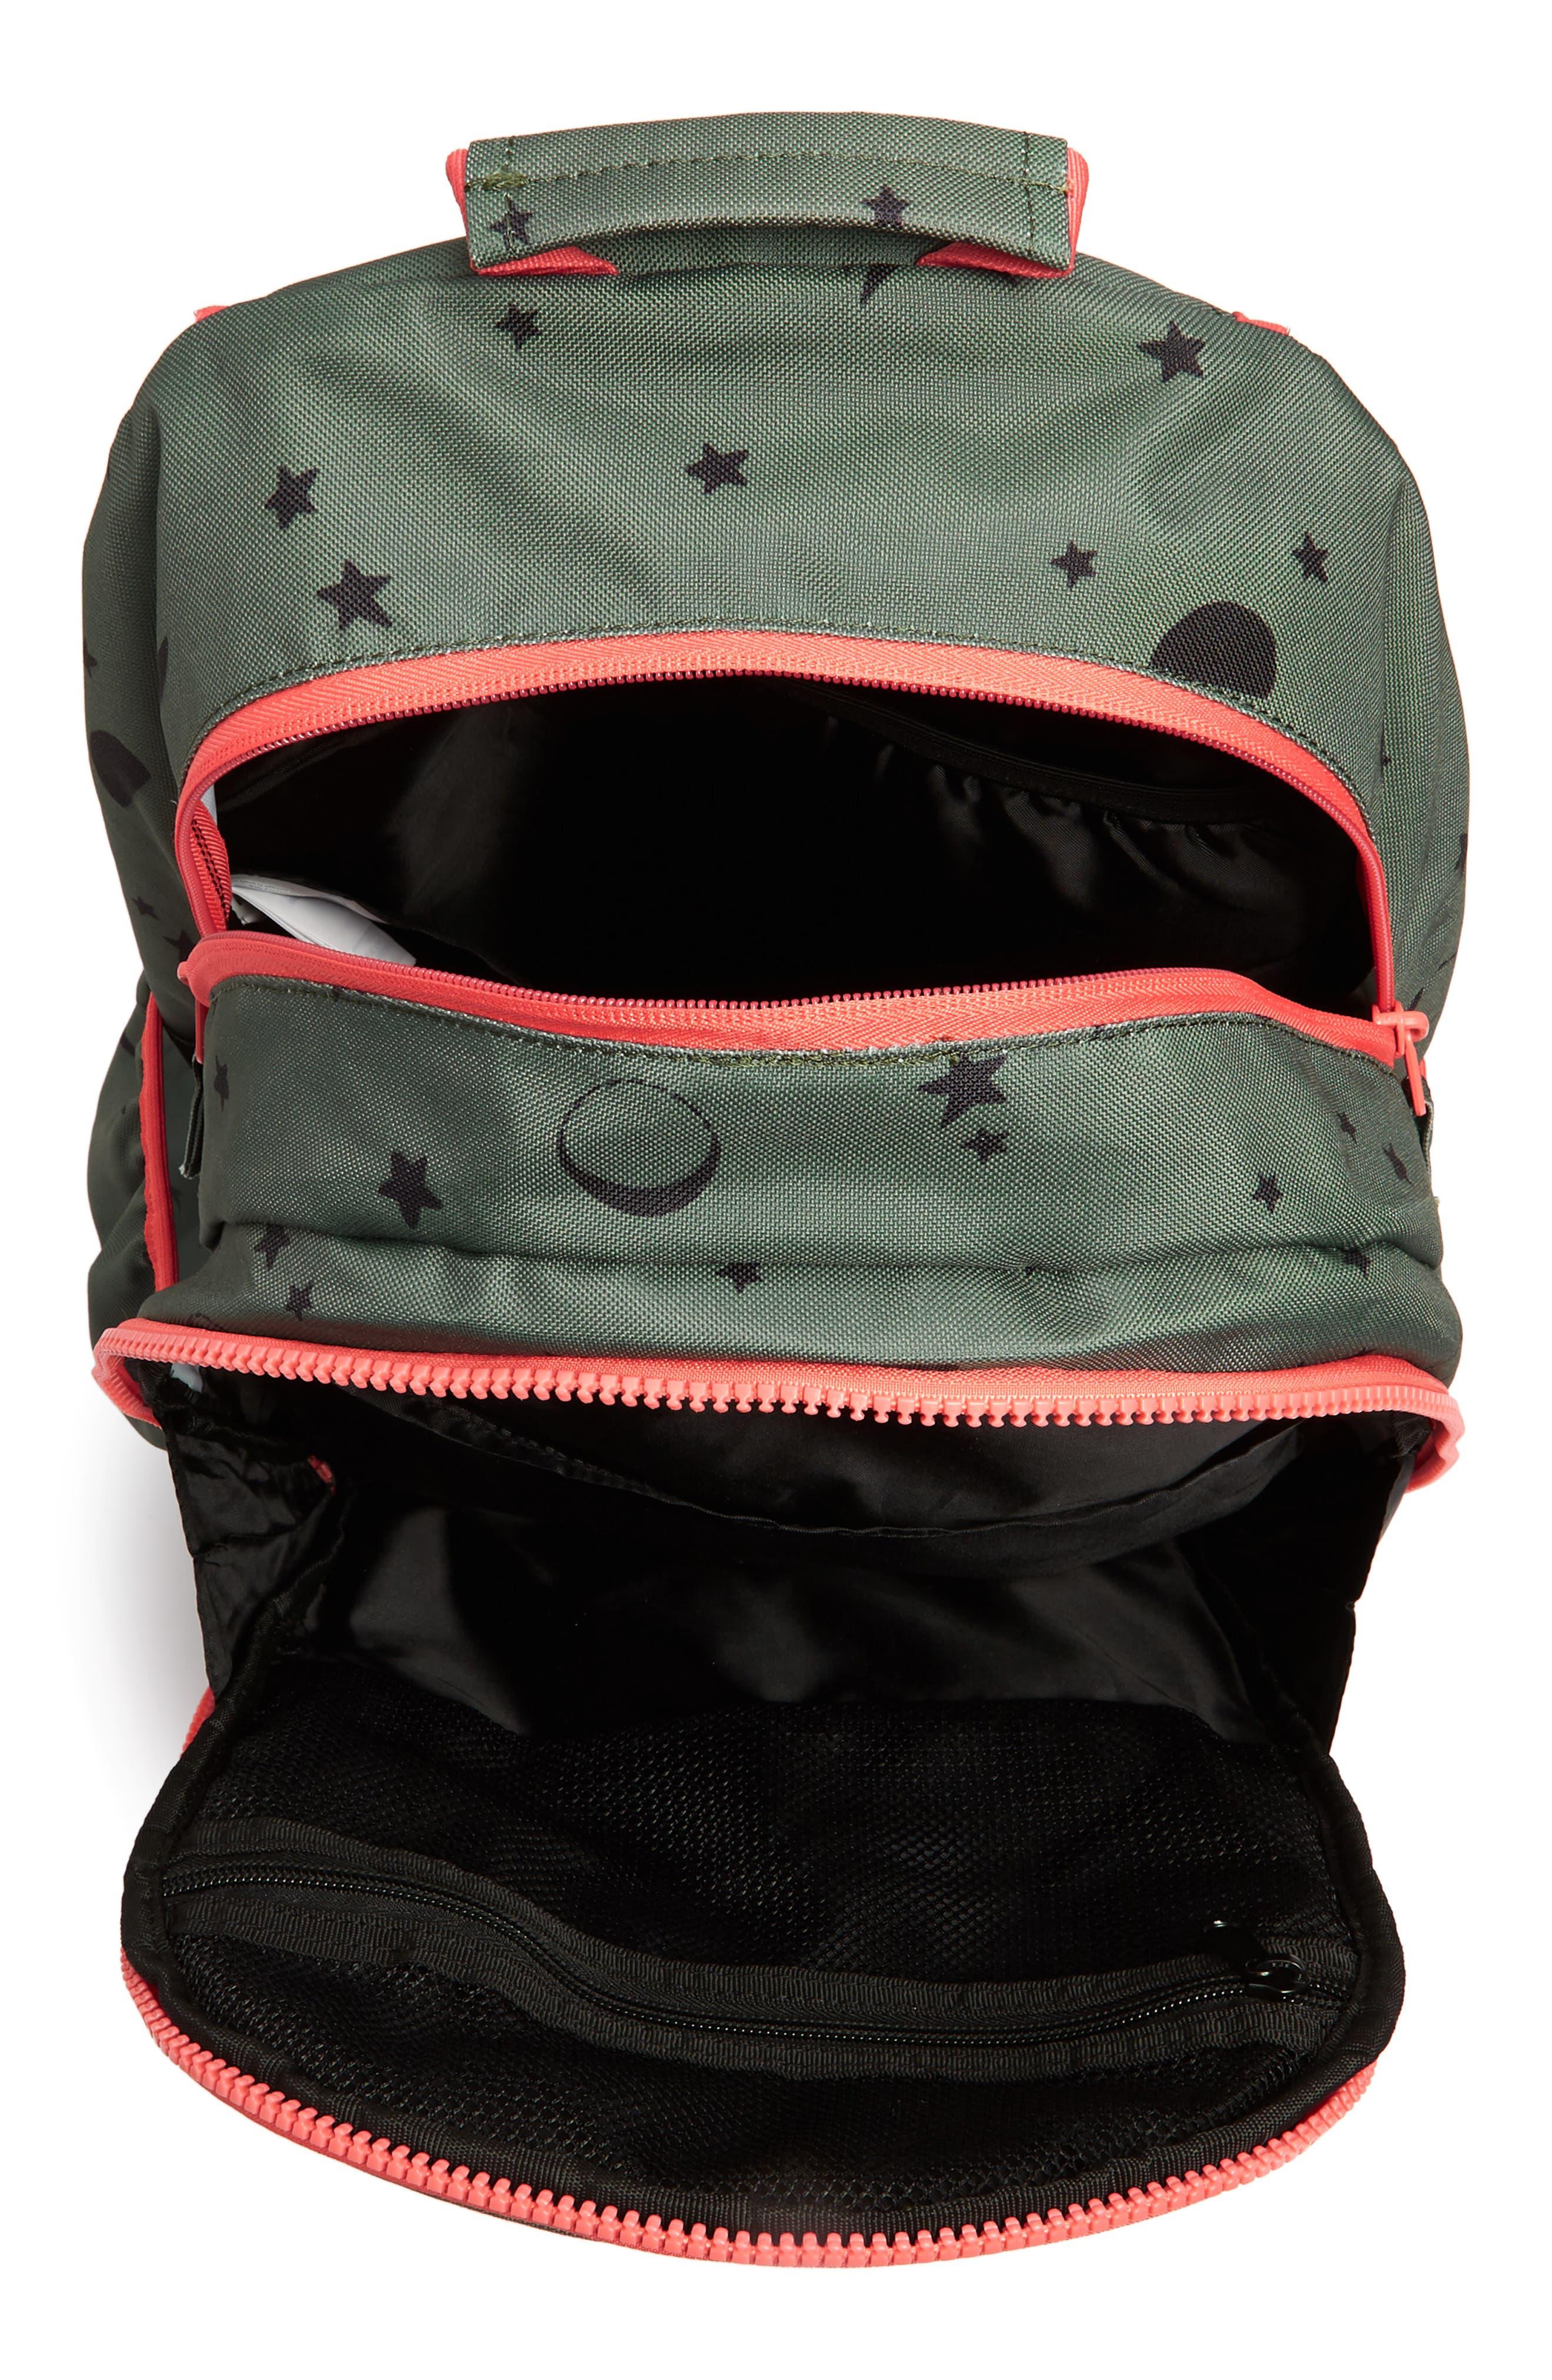 Roadie Jr. Water Resistant Backpack,                             Alternate thumbnail 3, color,                             310